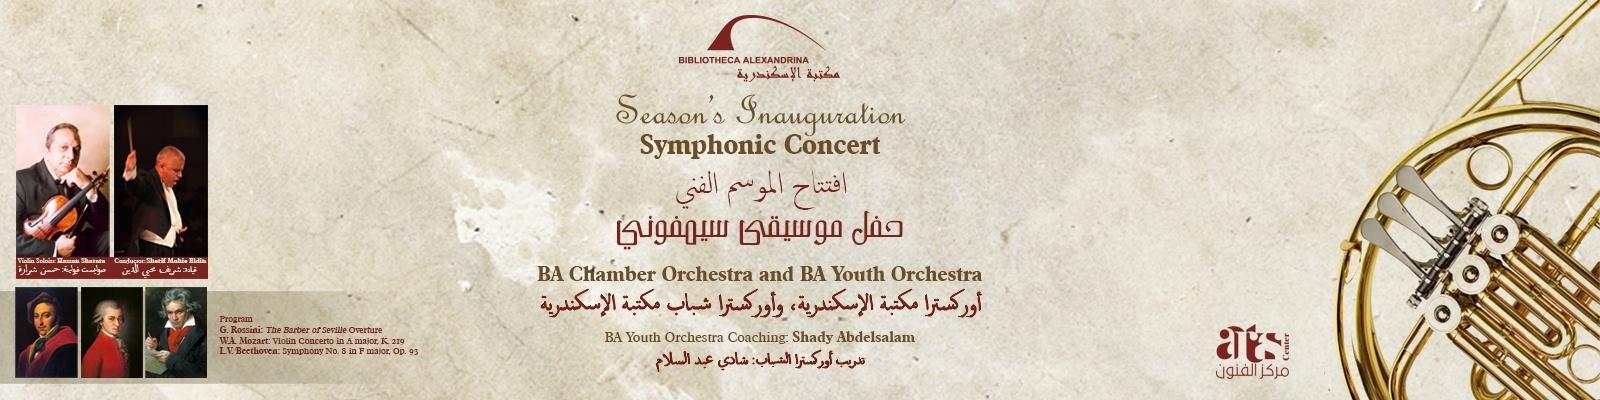 Symphonic Concert